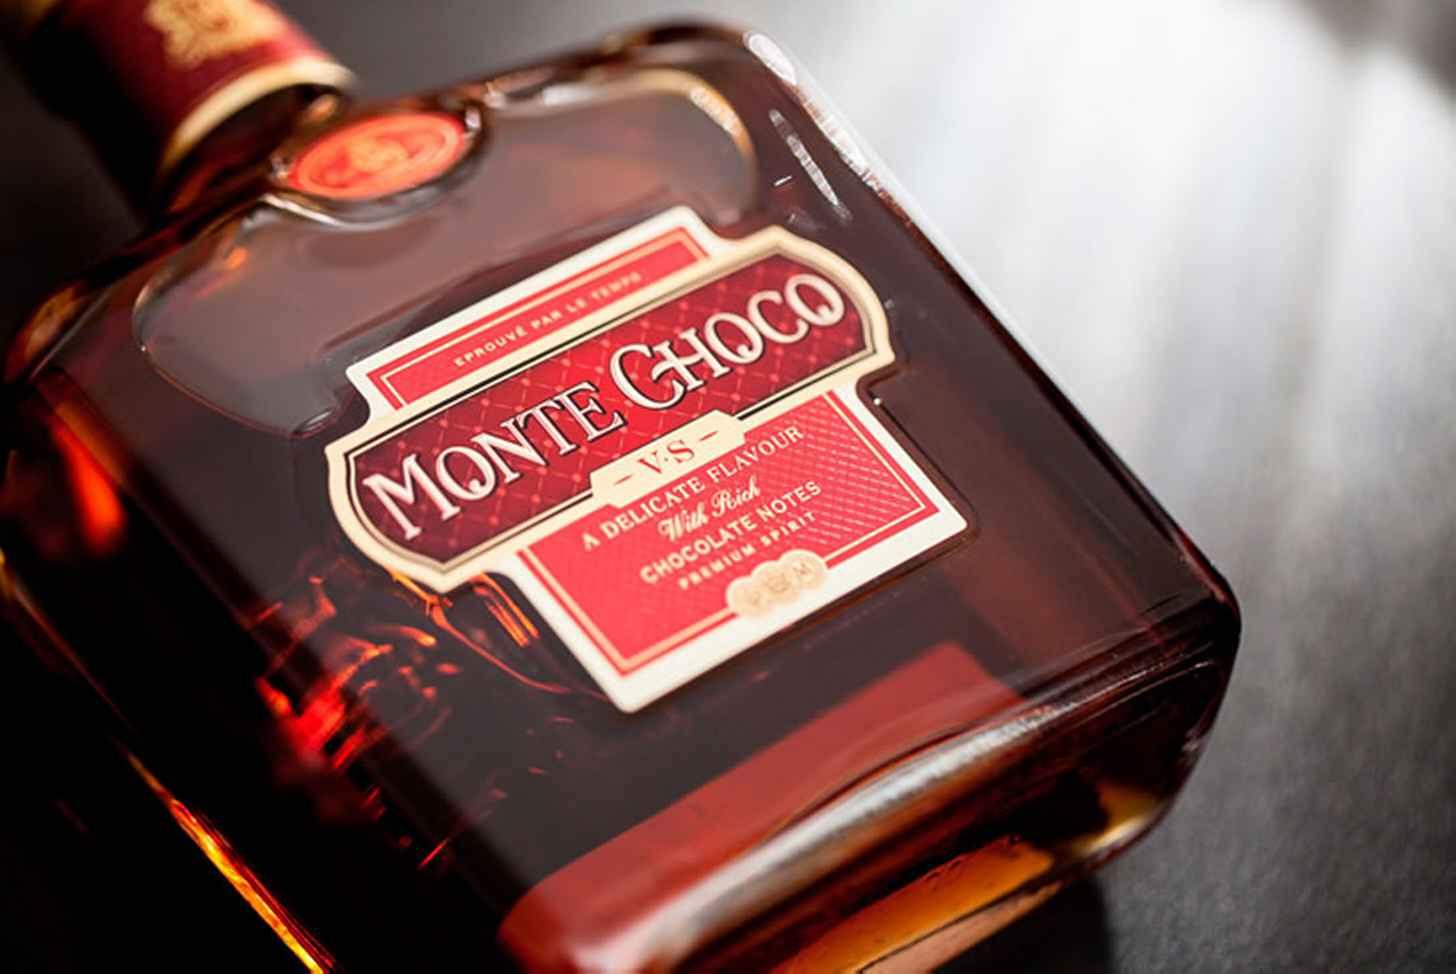 Шоколадный коньяк: что это и обзор 5 марок